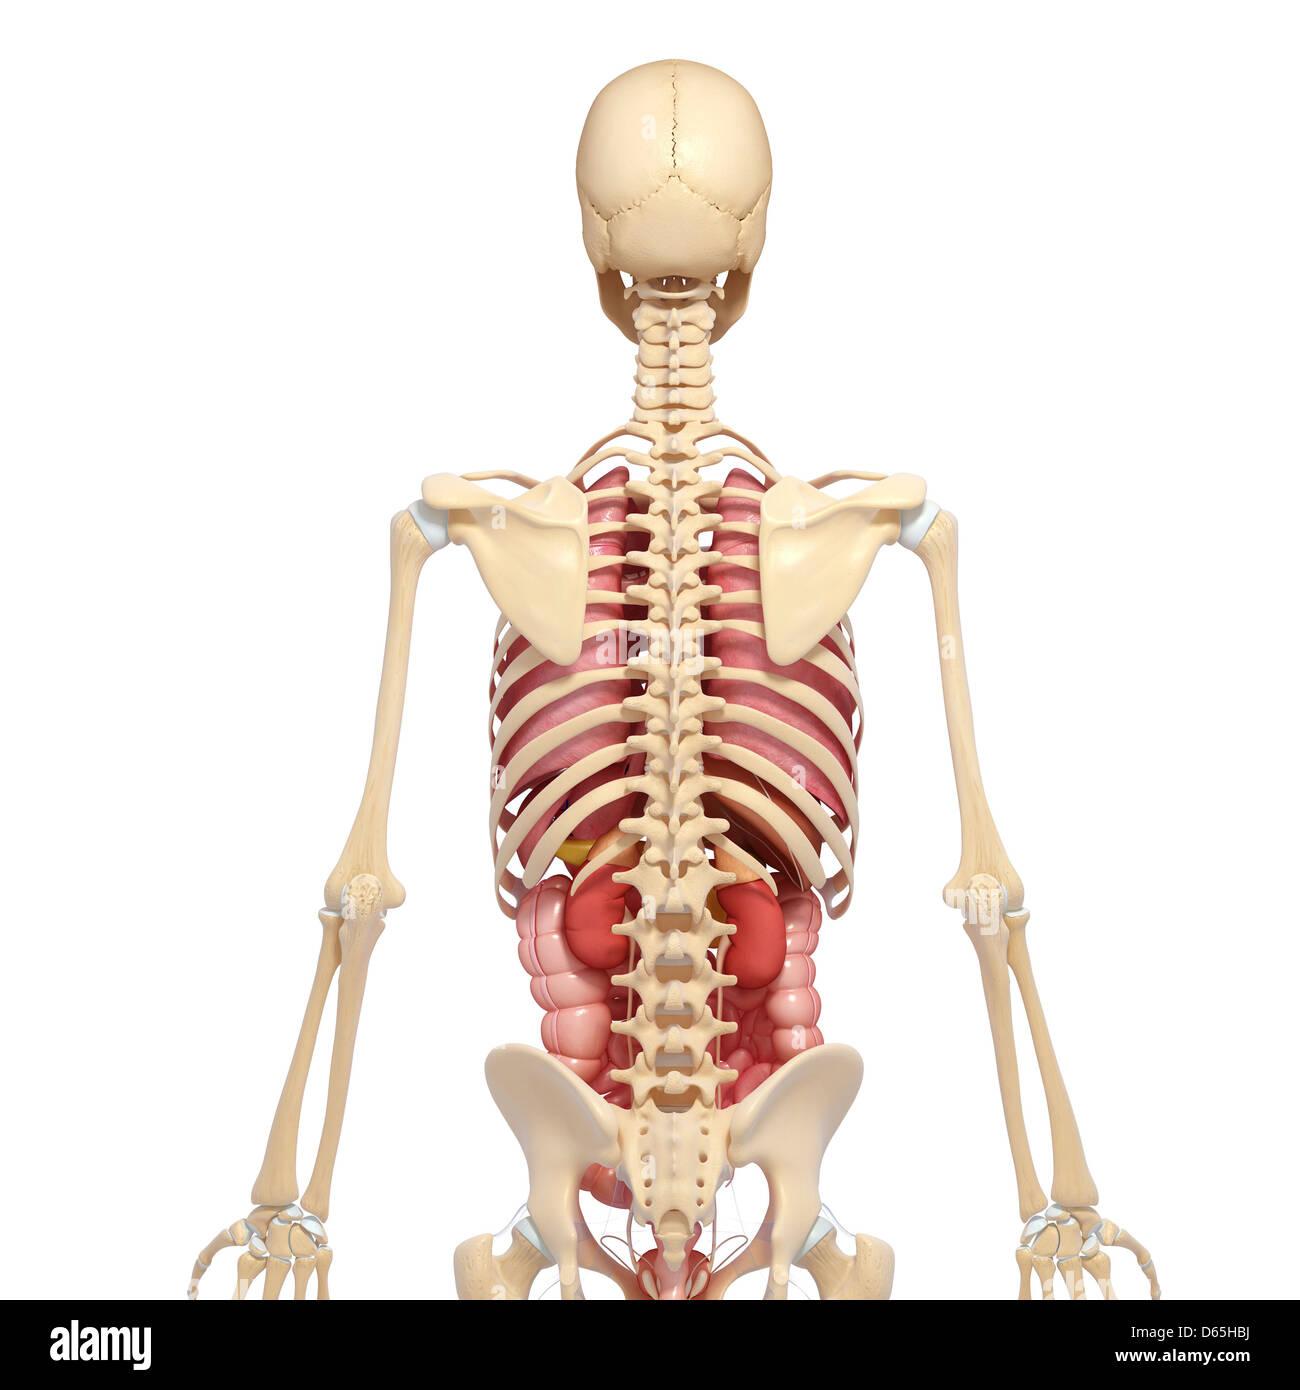 Atemberaubend Knochentabelle Menschliche Körper Ideen - Anatomie Von ...